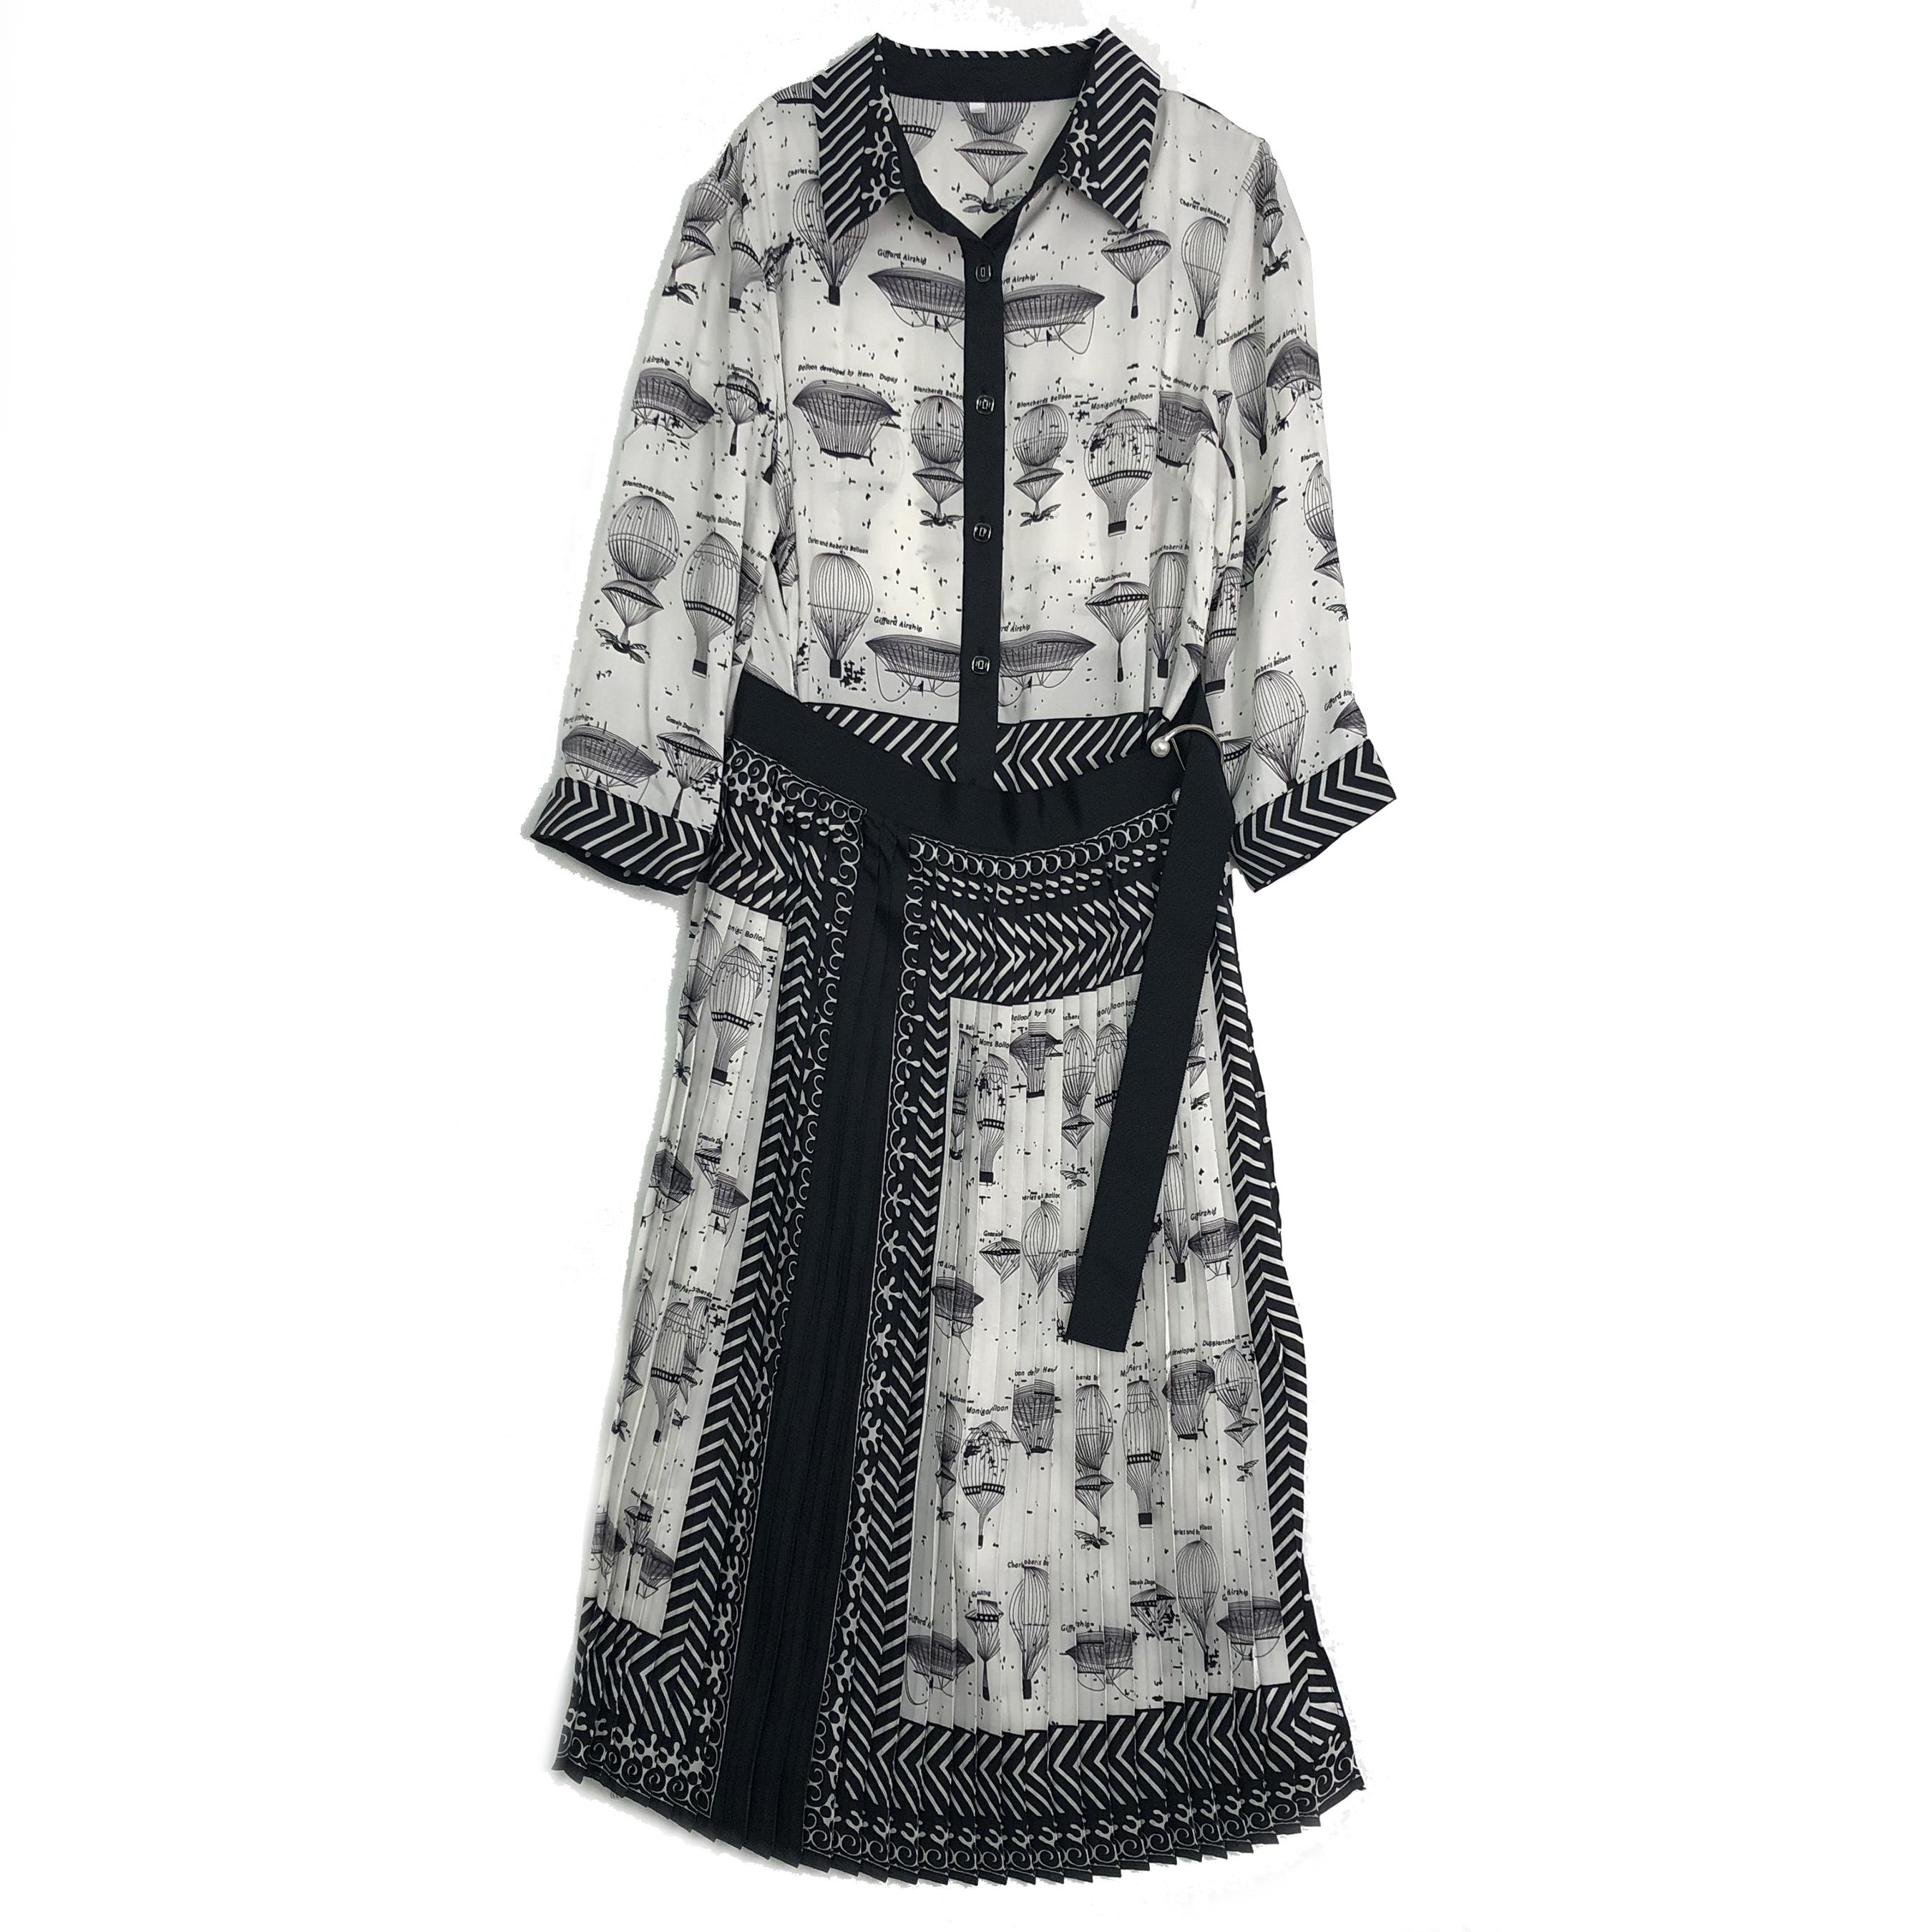 白色蕾丝连衣裙 【蕾丝呗尔】2020新款翻领腰带收腰气质连衣裙HH2016_推荐淘宝好看的白色蕾丝连衣裙